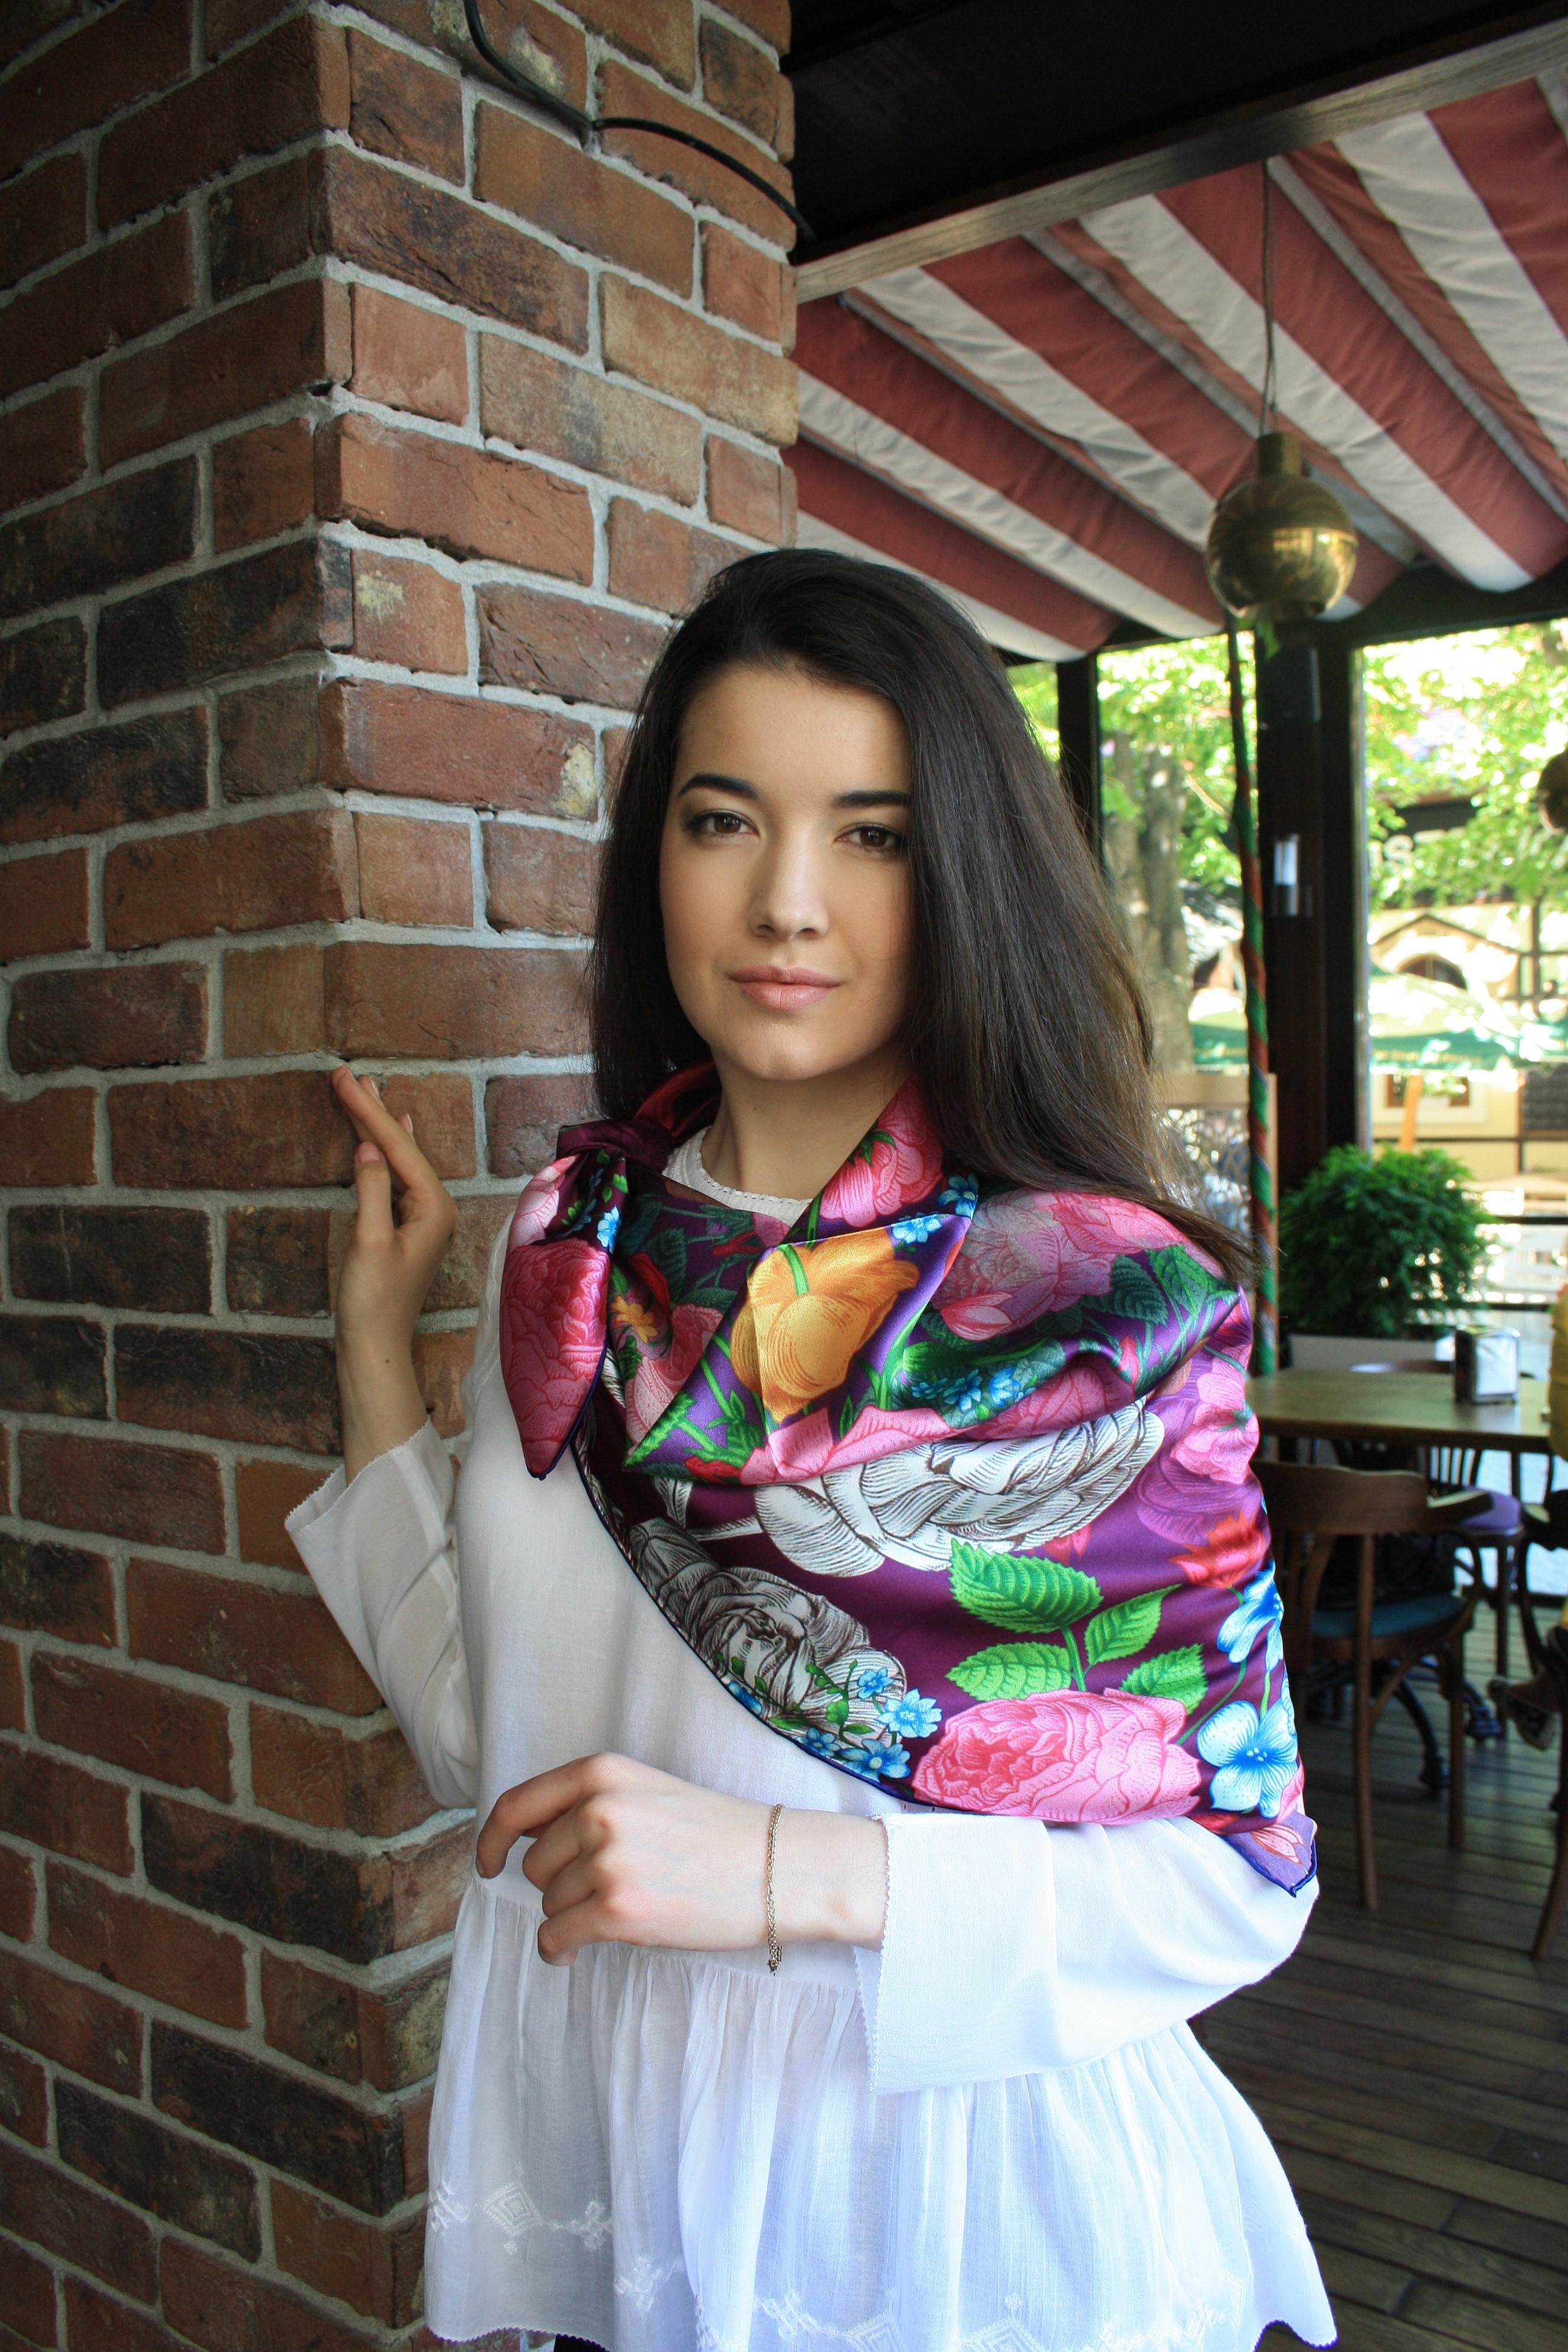 Шелковый платок благородного пурпурного цвета